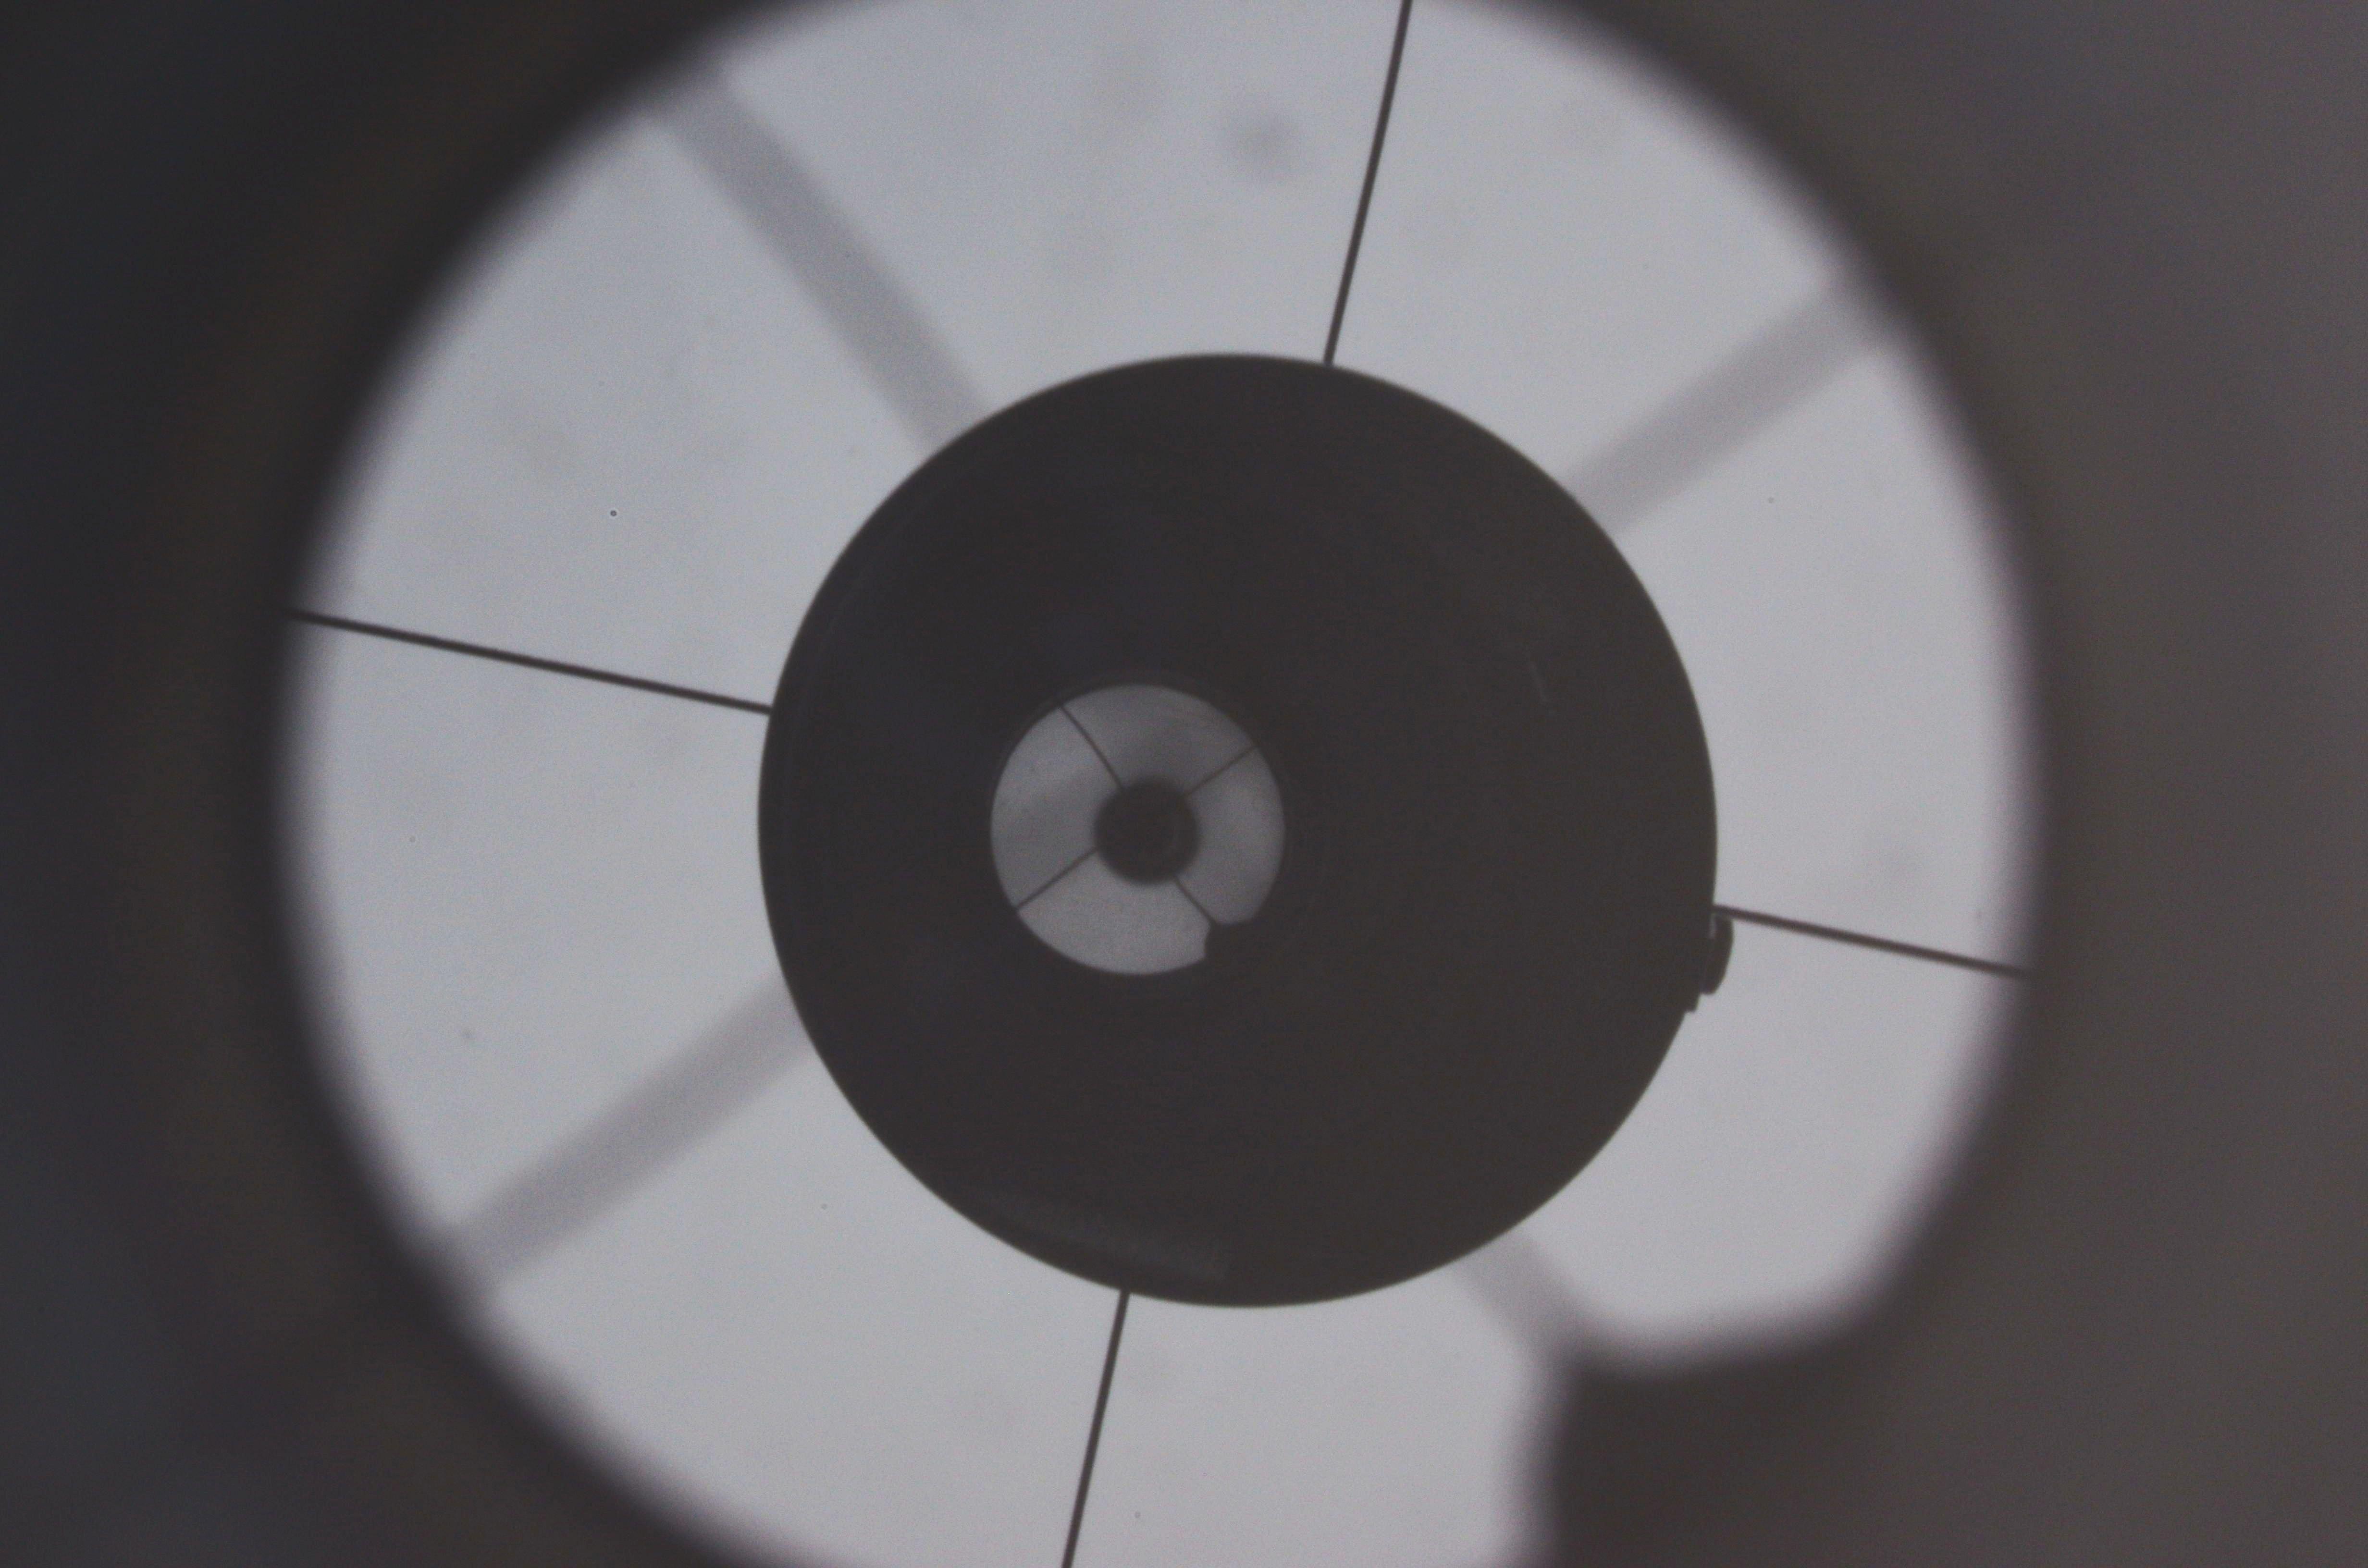 Justierlaser kollimation newton teleskop youtube